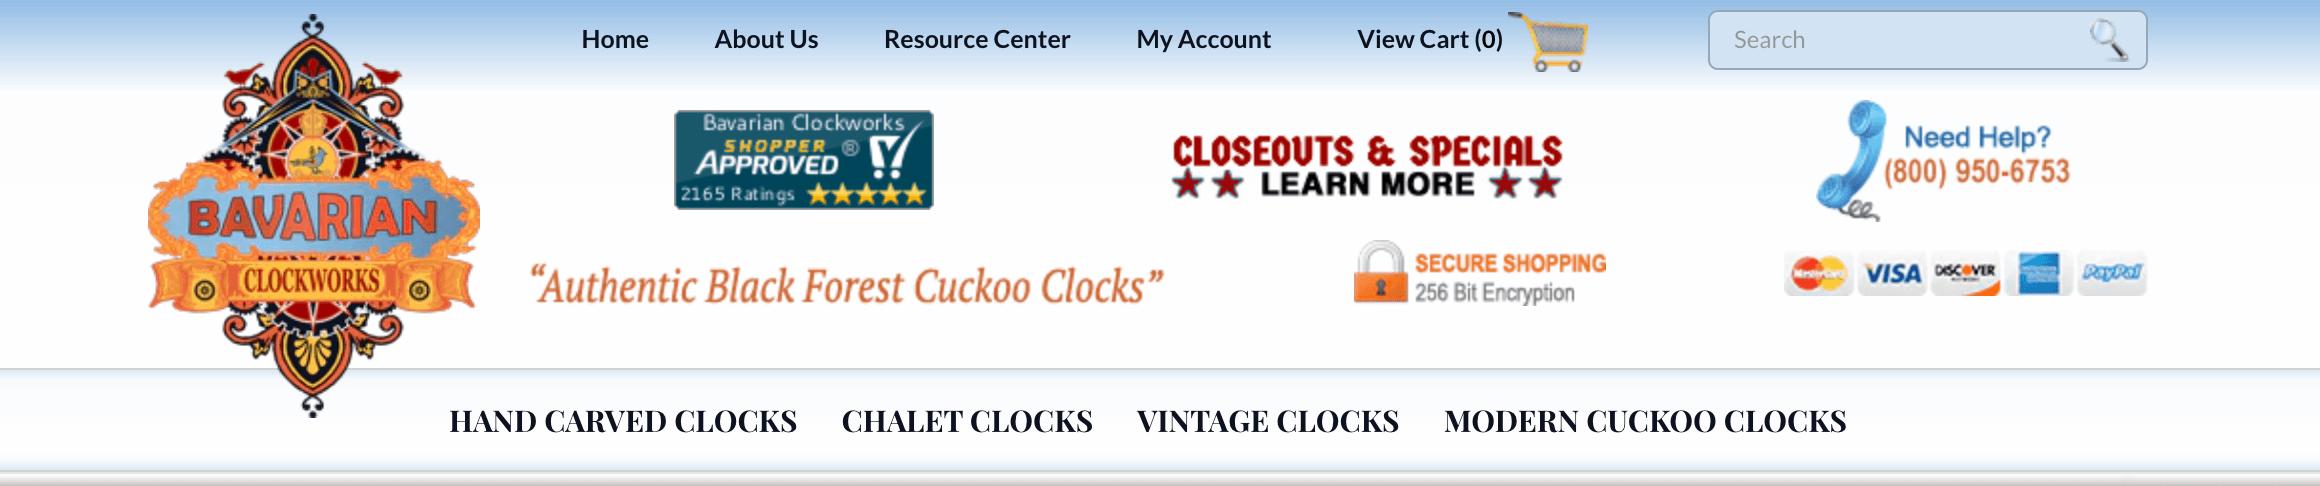 Bavarian Clockworks website